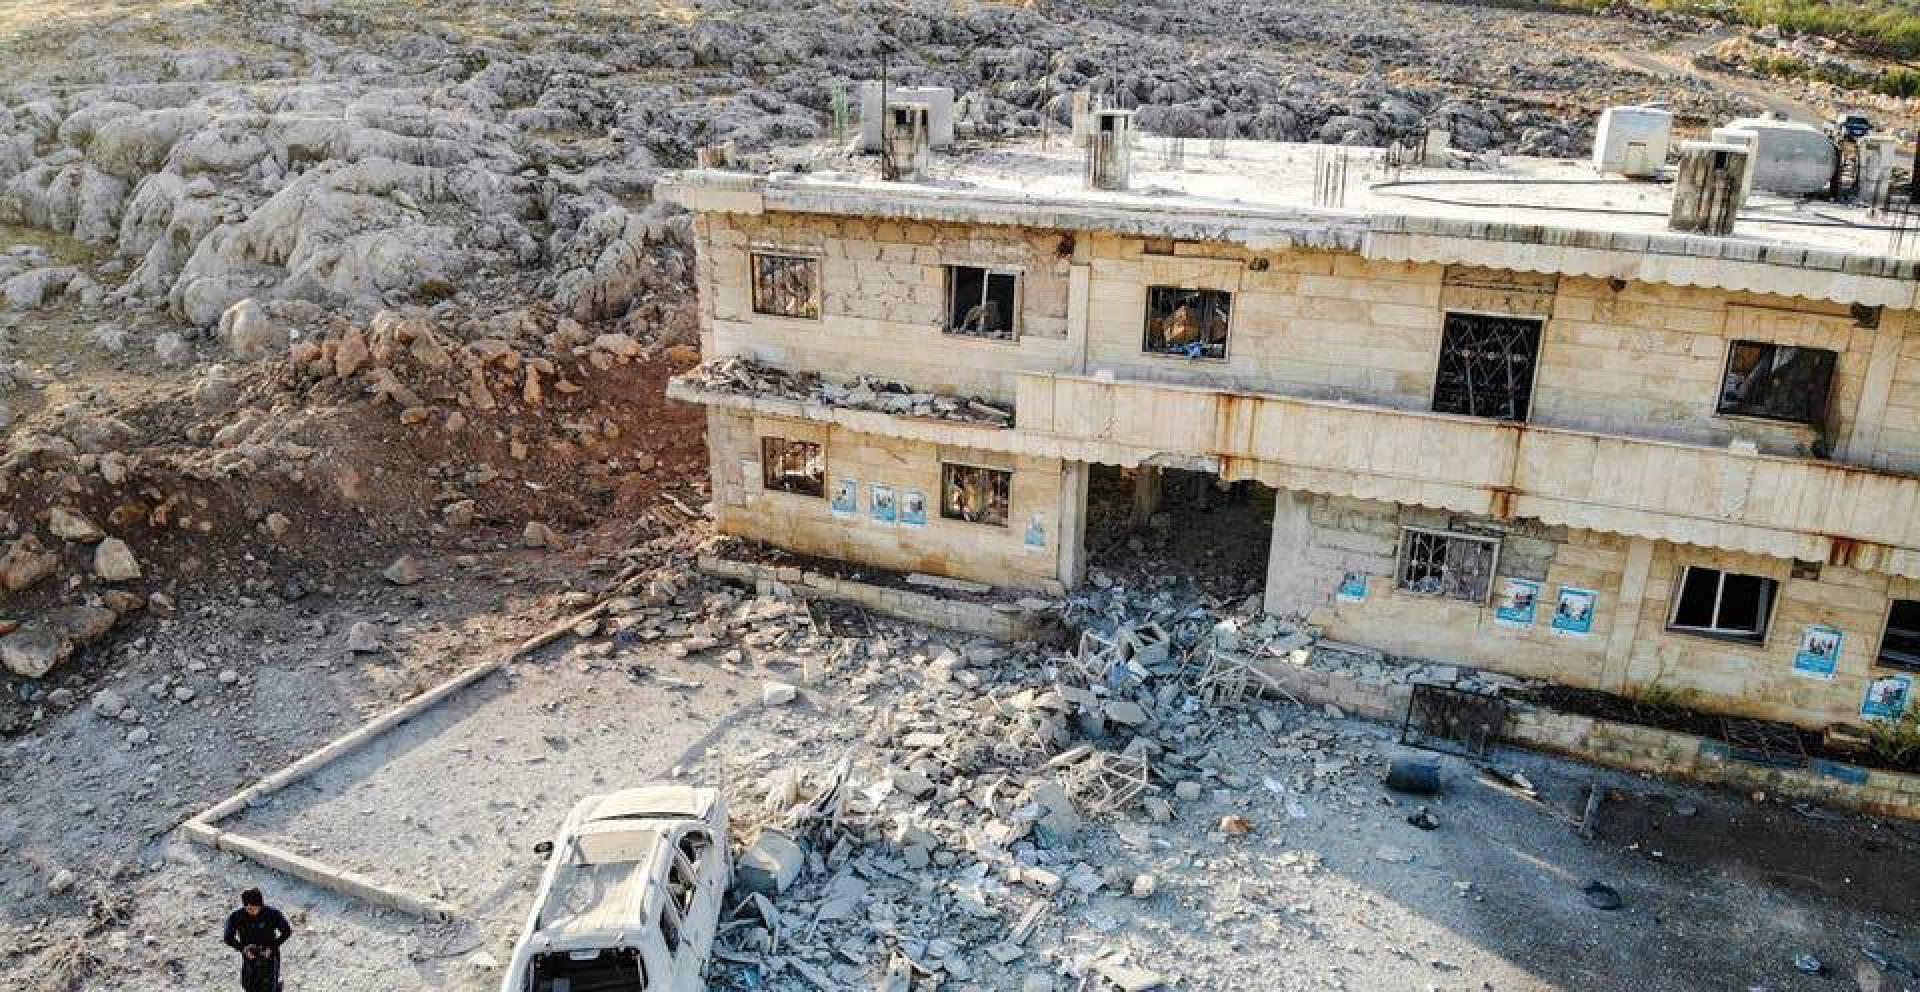 أميركا تندد بغارات جوية للحكومة السورية على منشآت طبية في إدلب